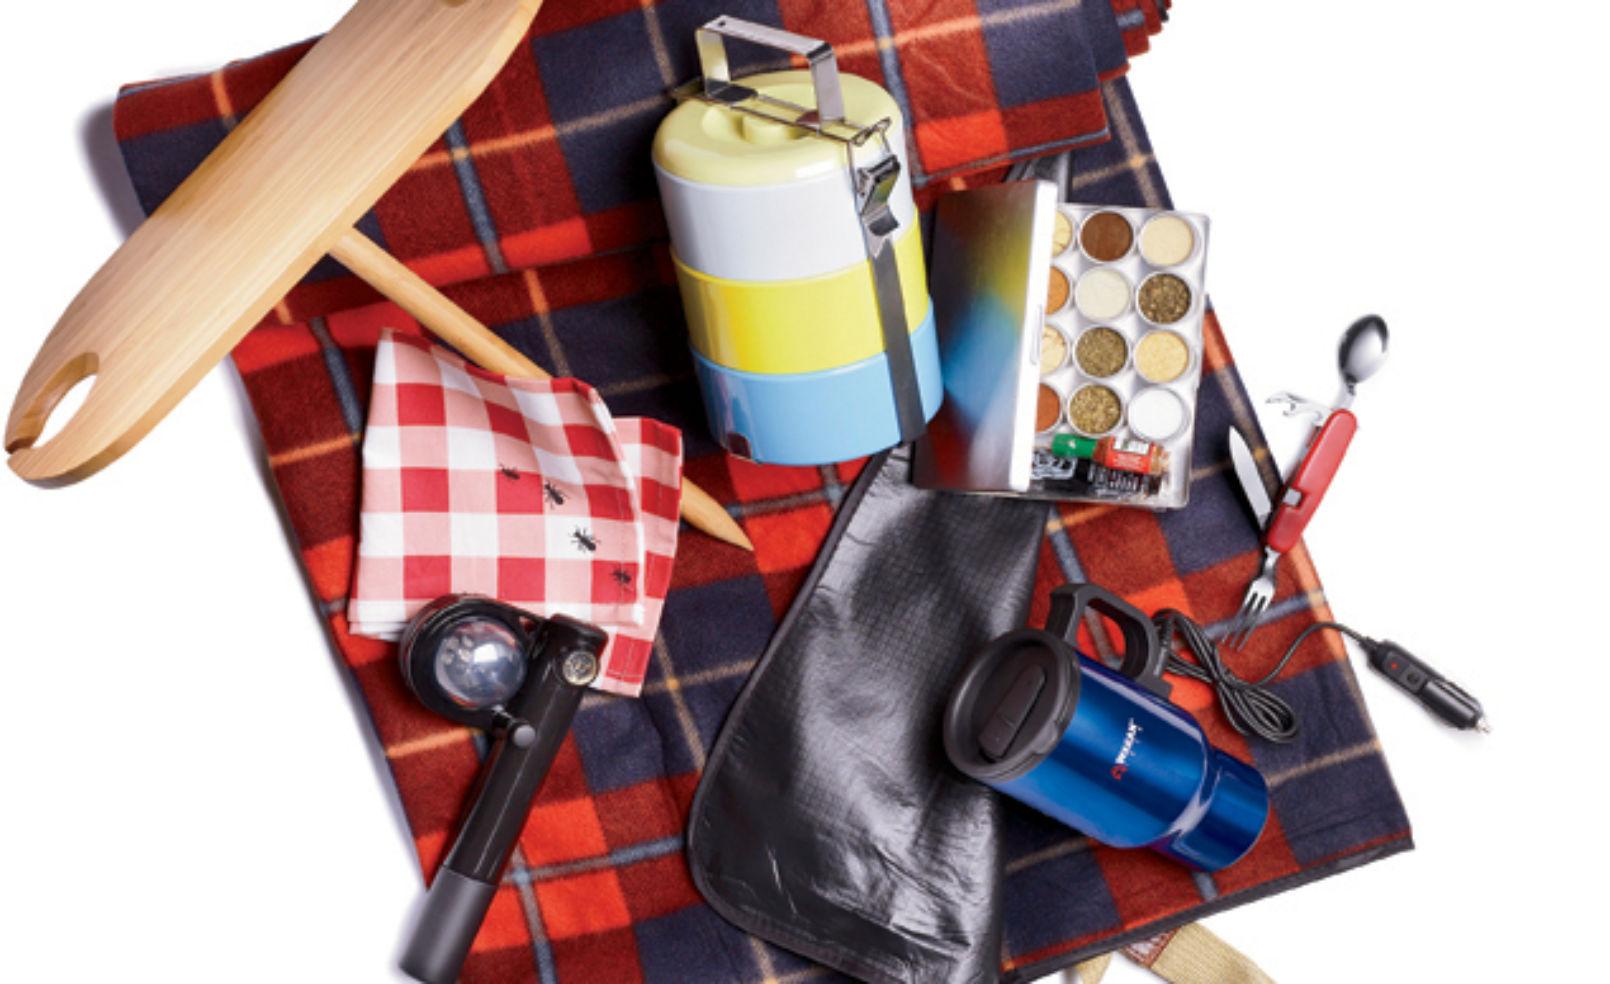 Road trip food gear